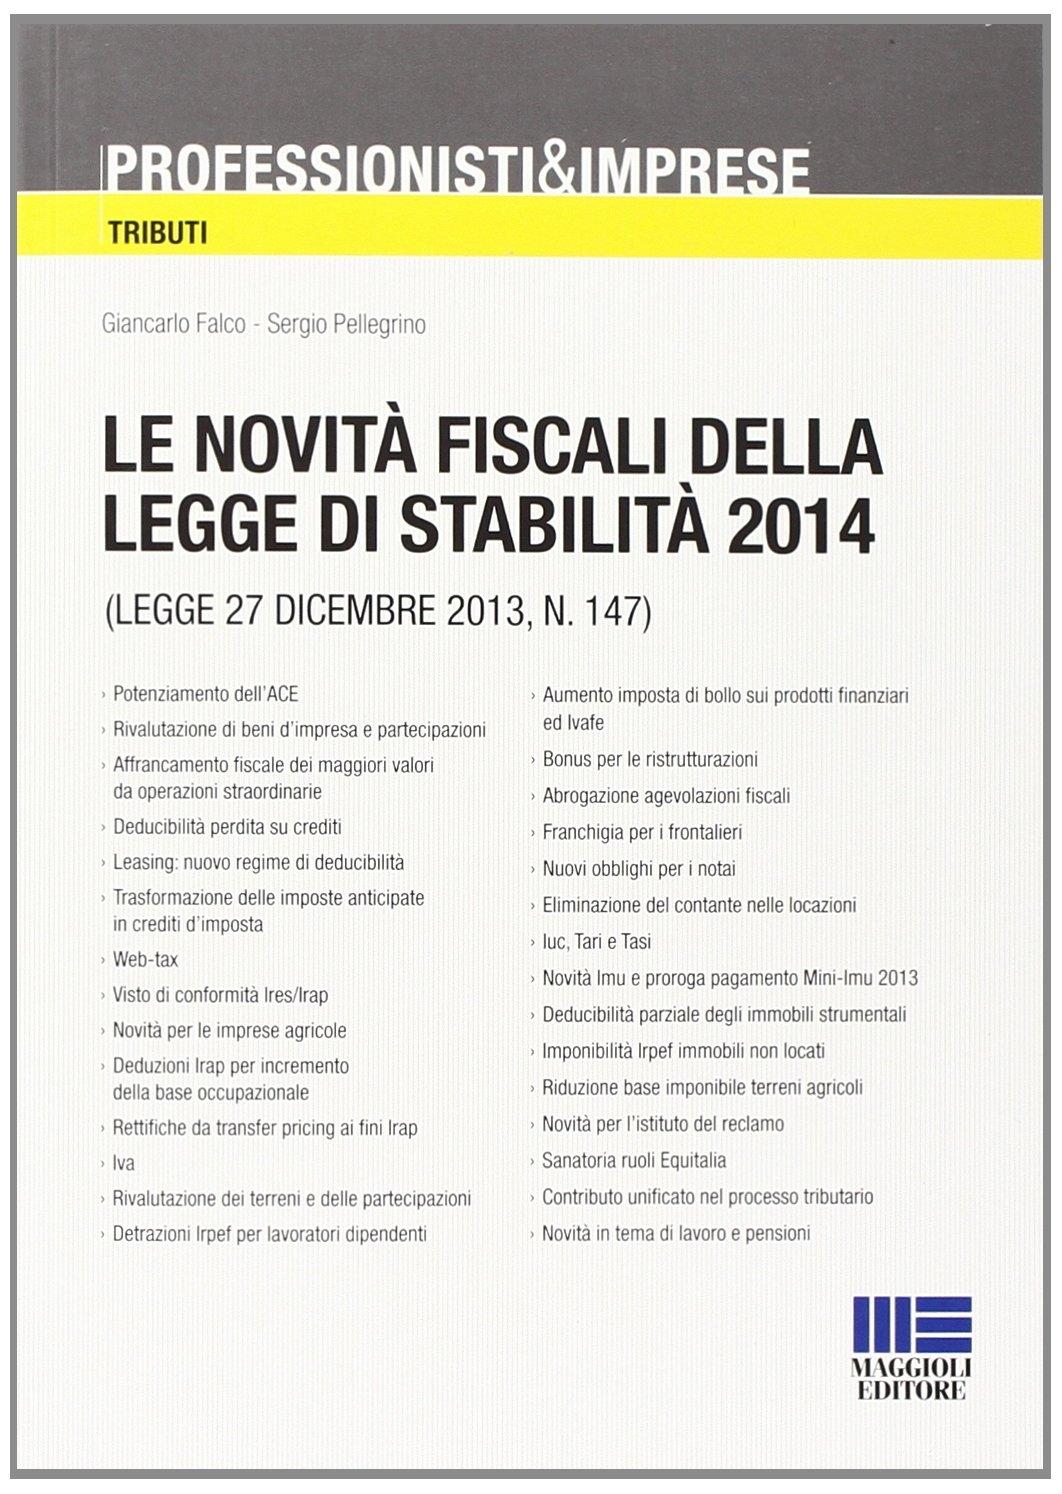 Le novità fiscali della legge di stabilità 2014